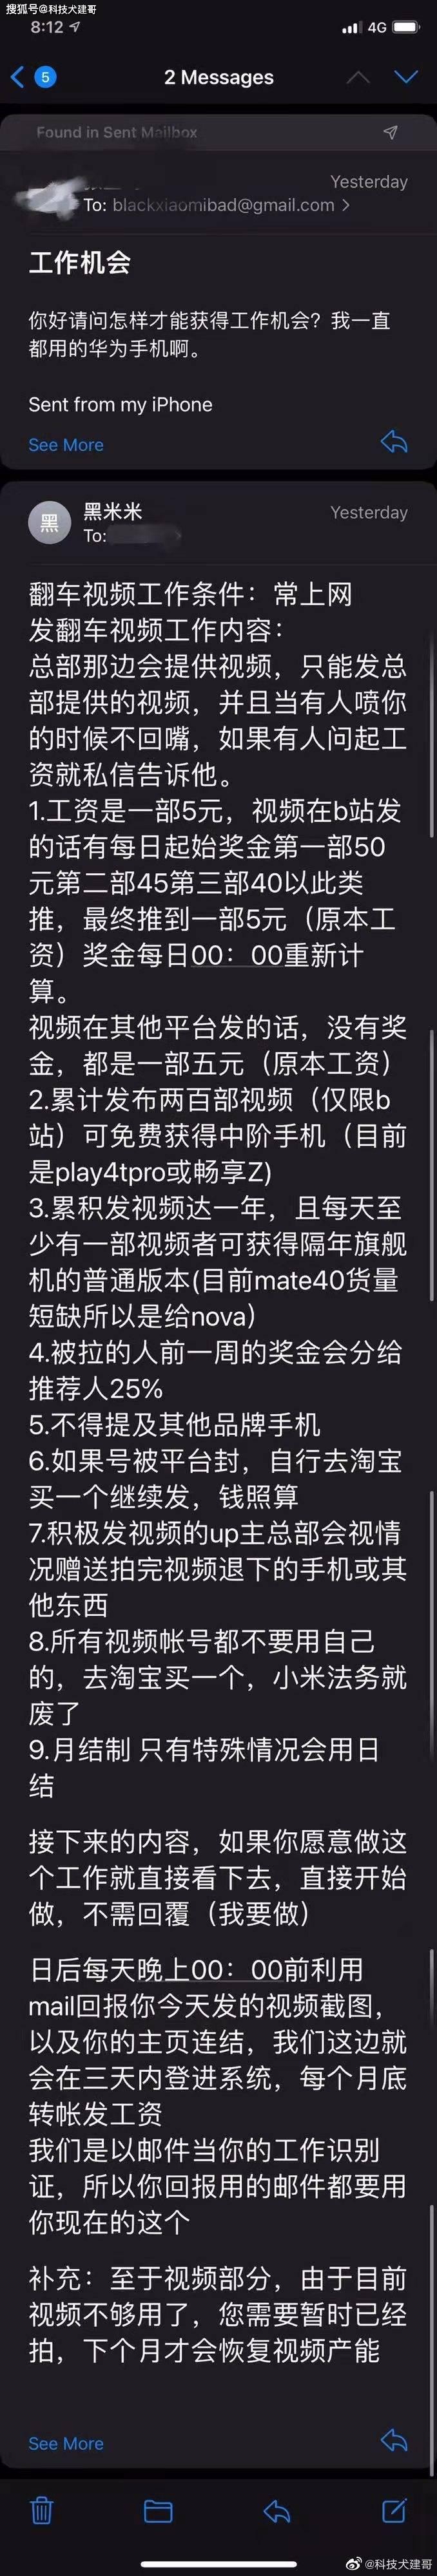 天顺app下载-首页【1.1.0】  第8张